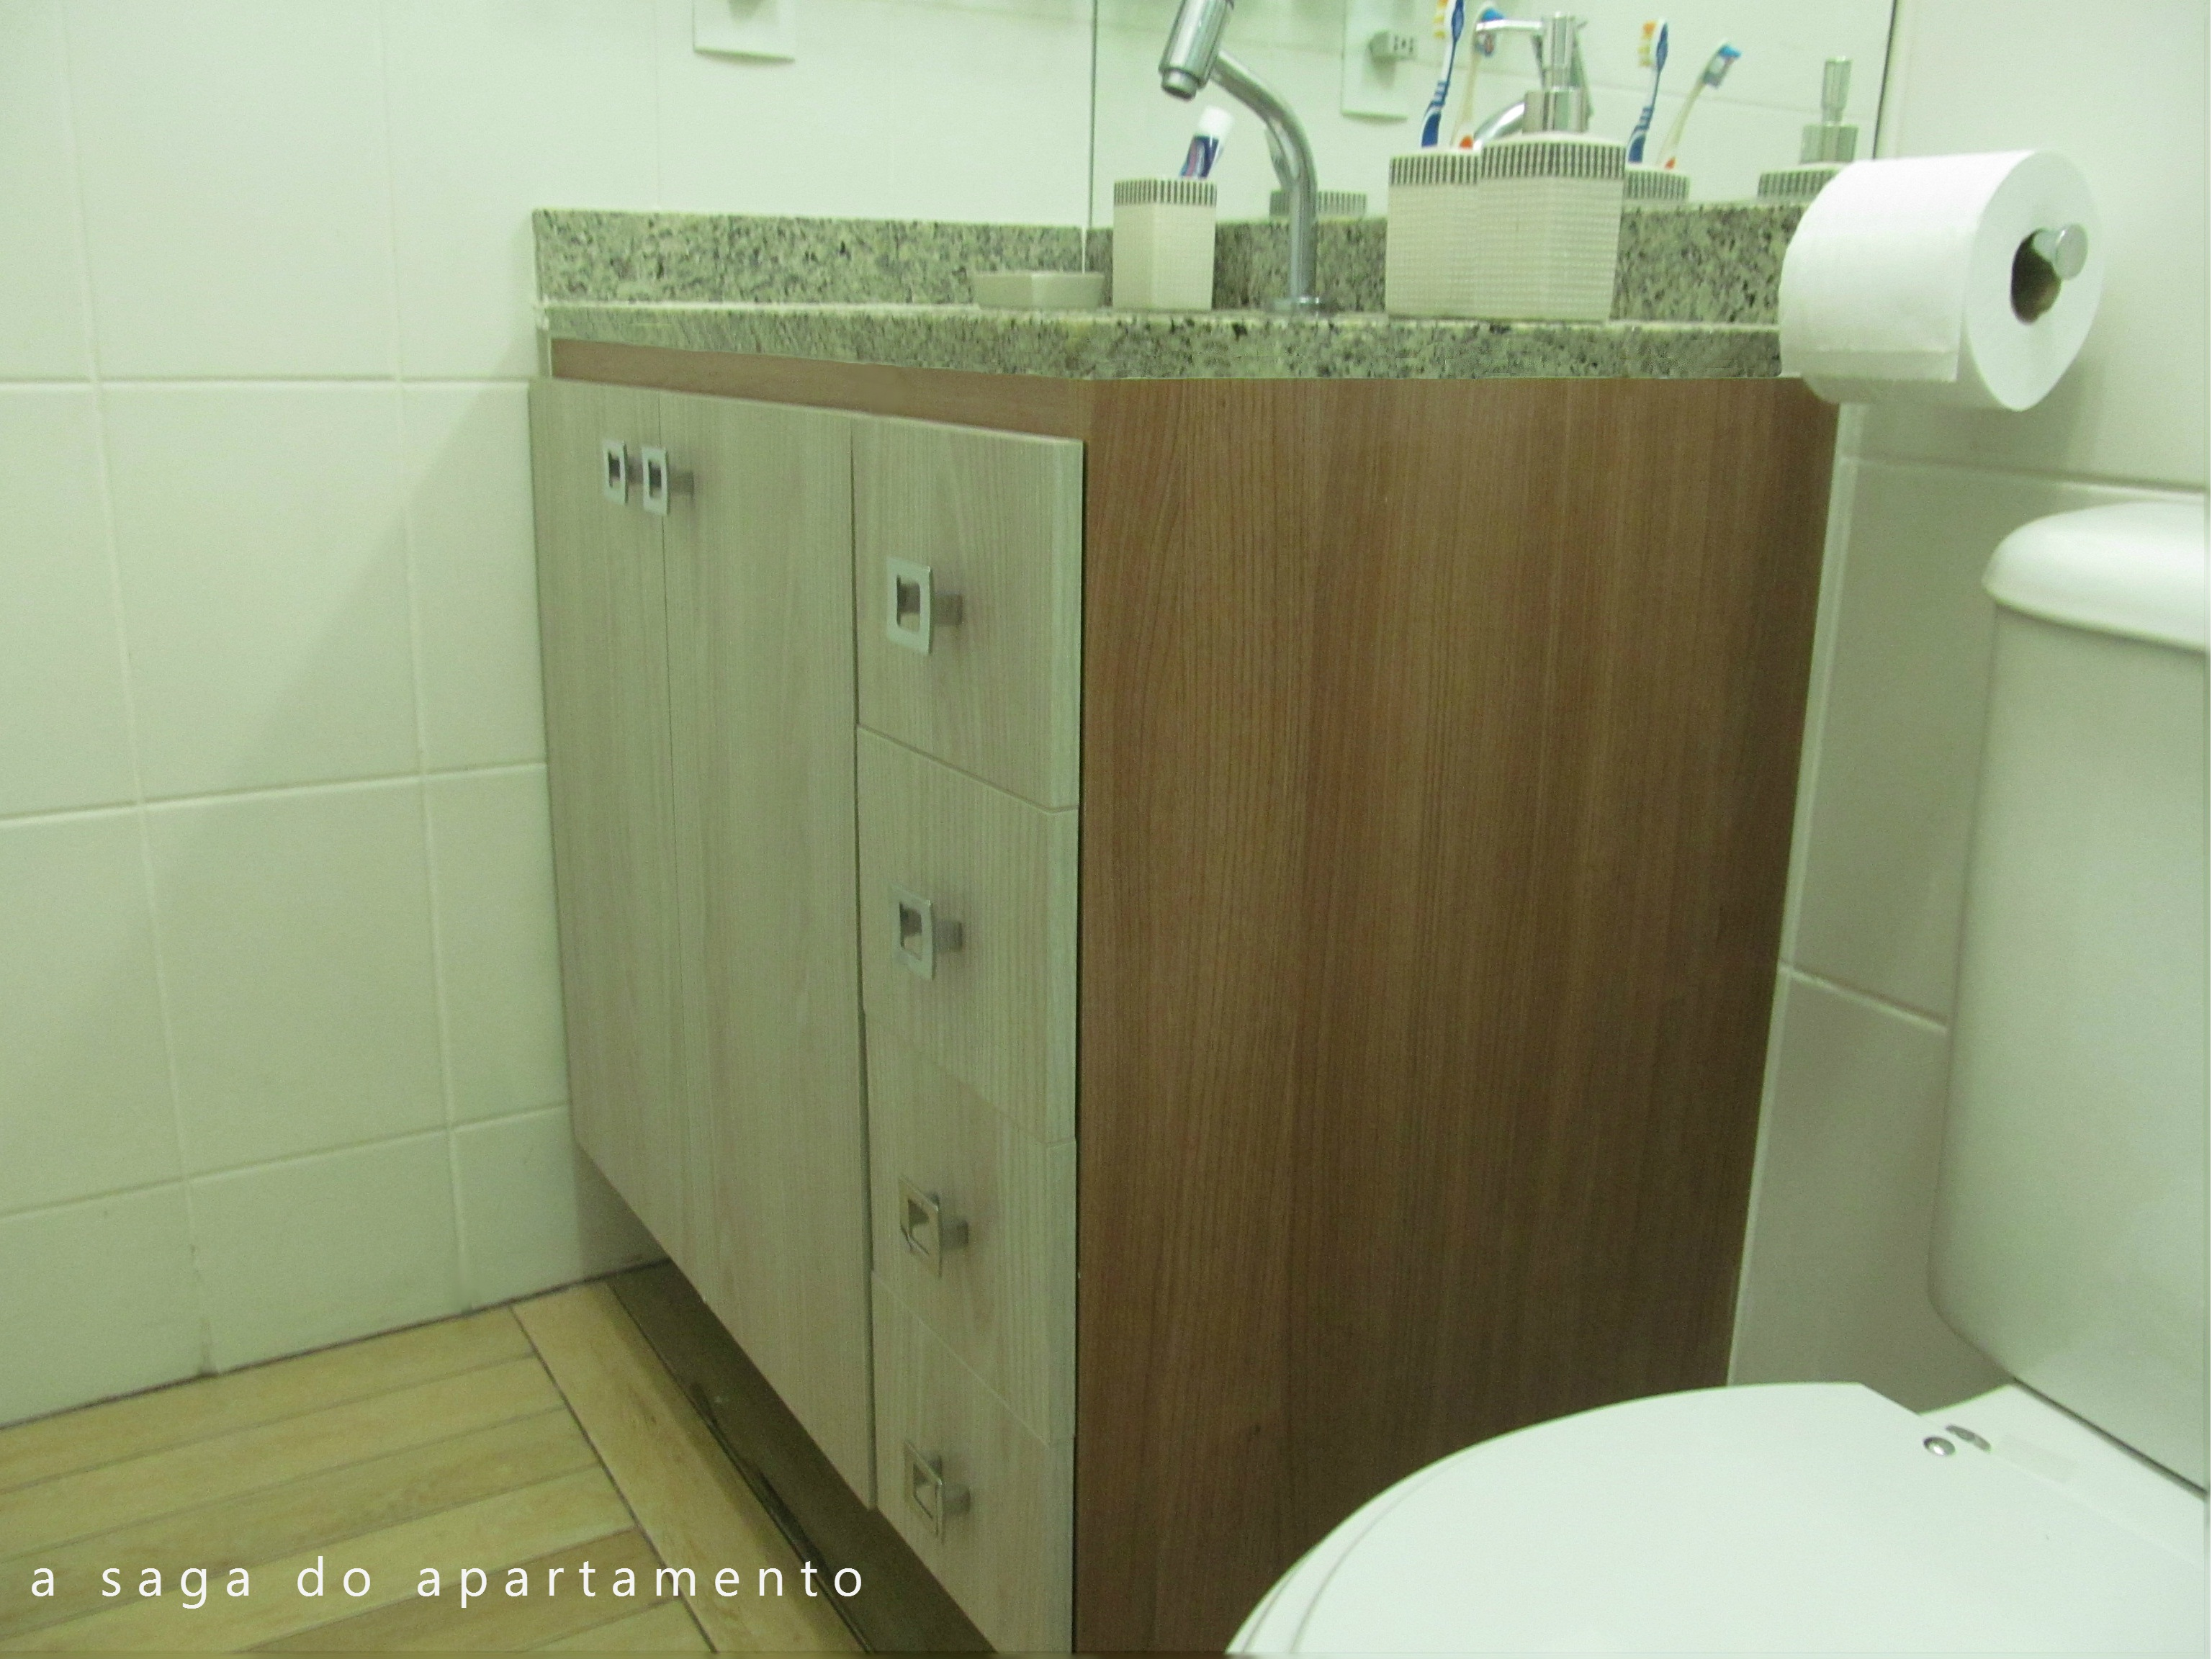 O pequeno e notável Armário Planejado do Banheiro  a saga do apartamento -> Armario De Banheiro Planejado Pequeno